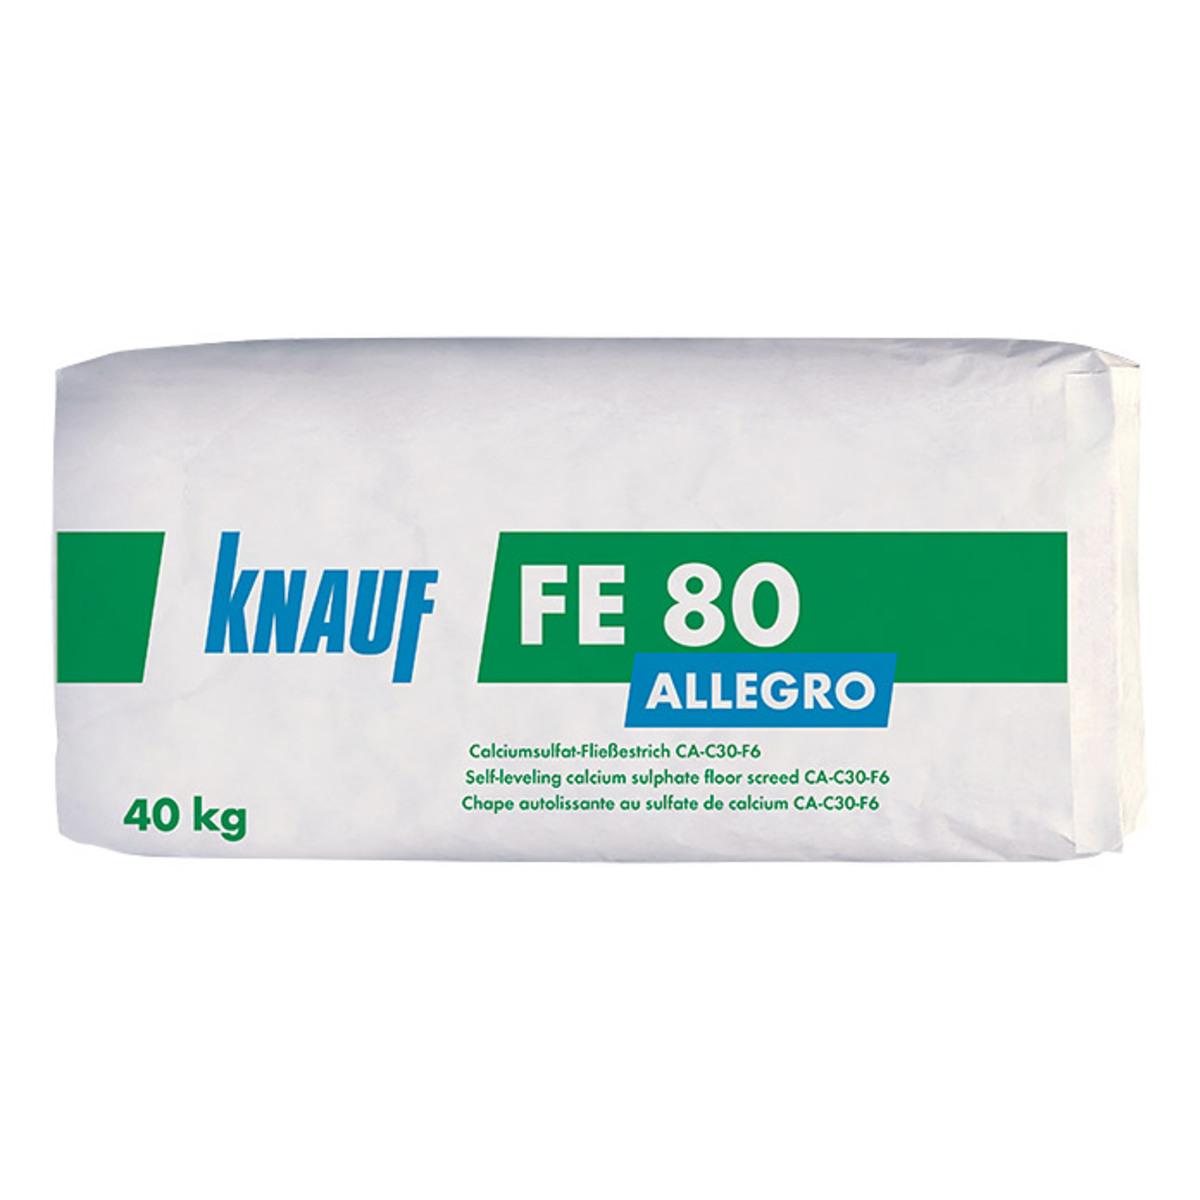 Bild 1 von Knauf Fließestrich FE 80 Allegro